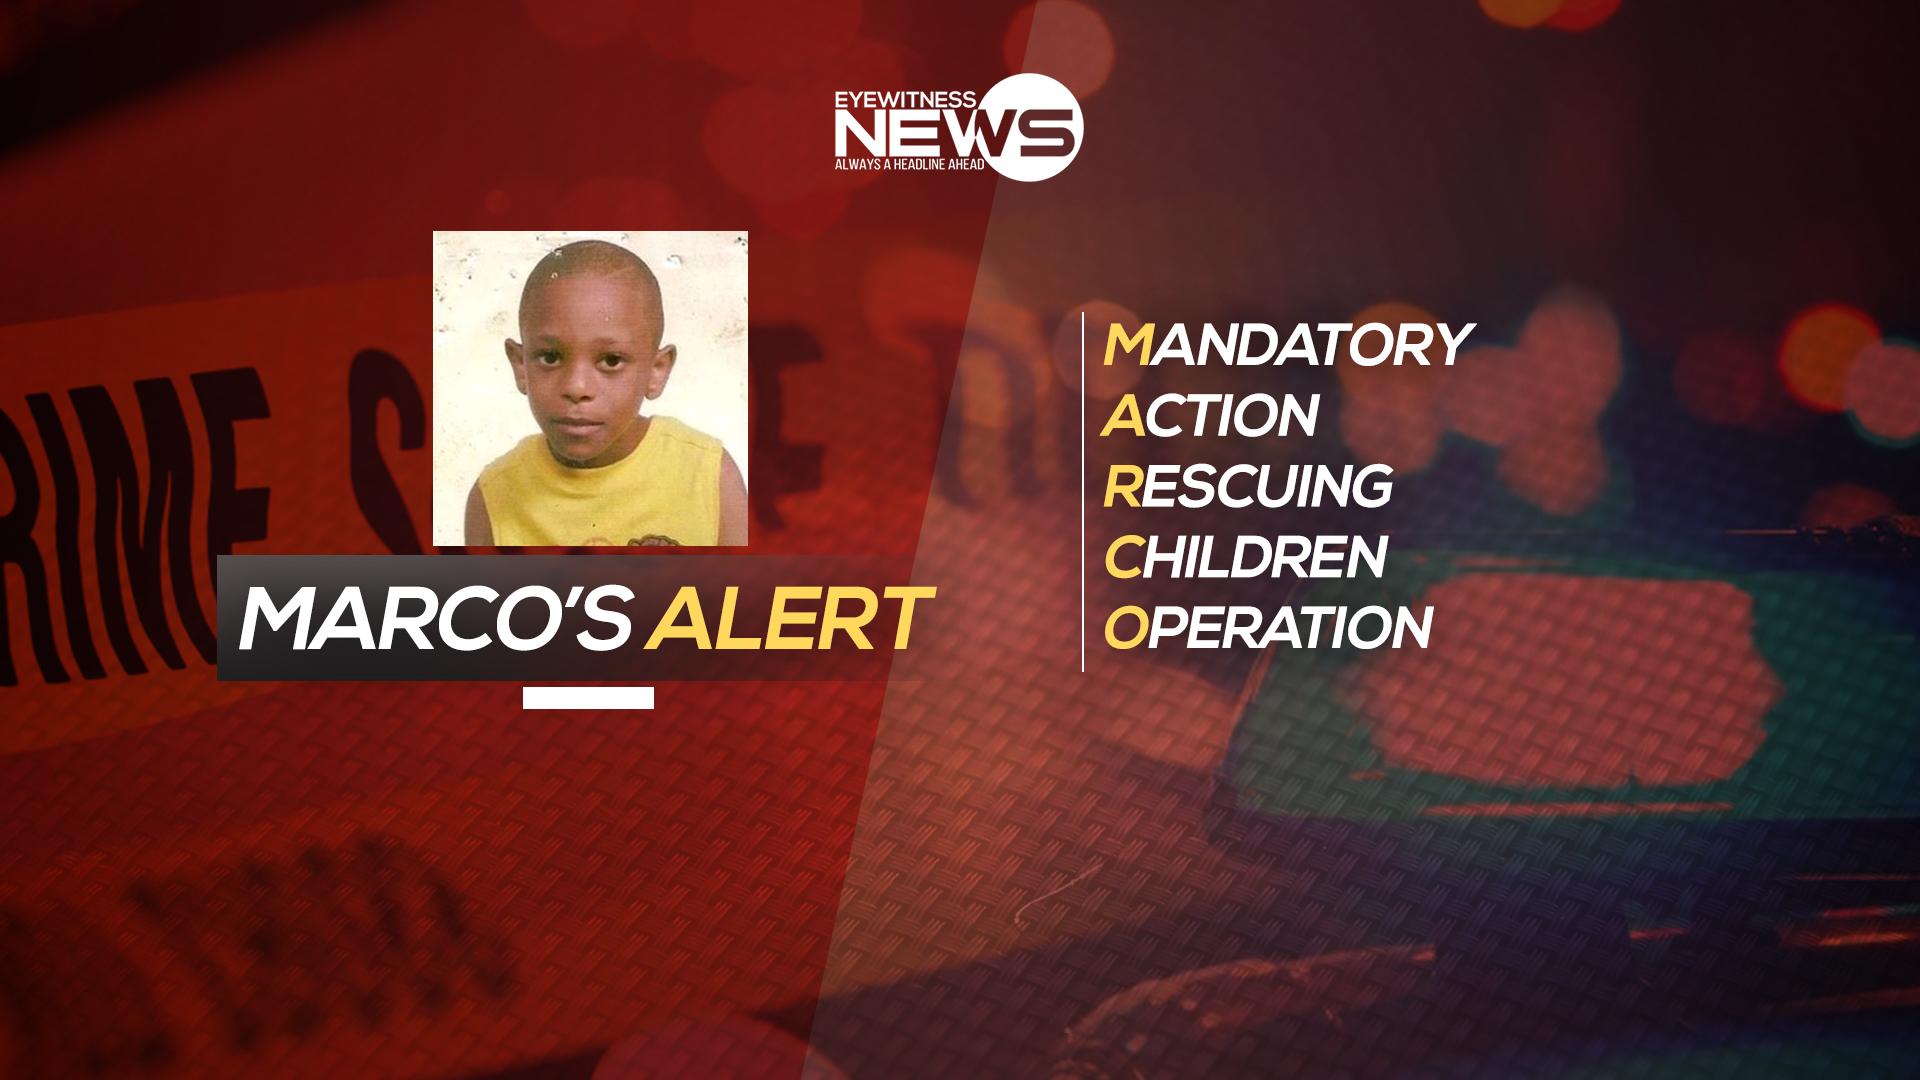 Bishop eager for MARCO Alert system's implementation